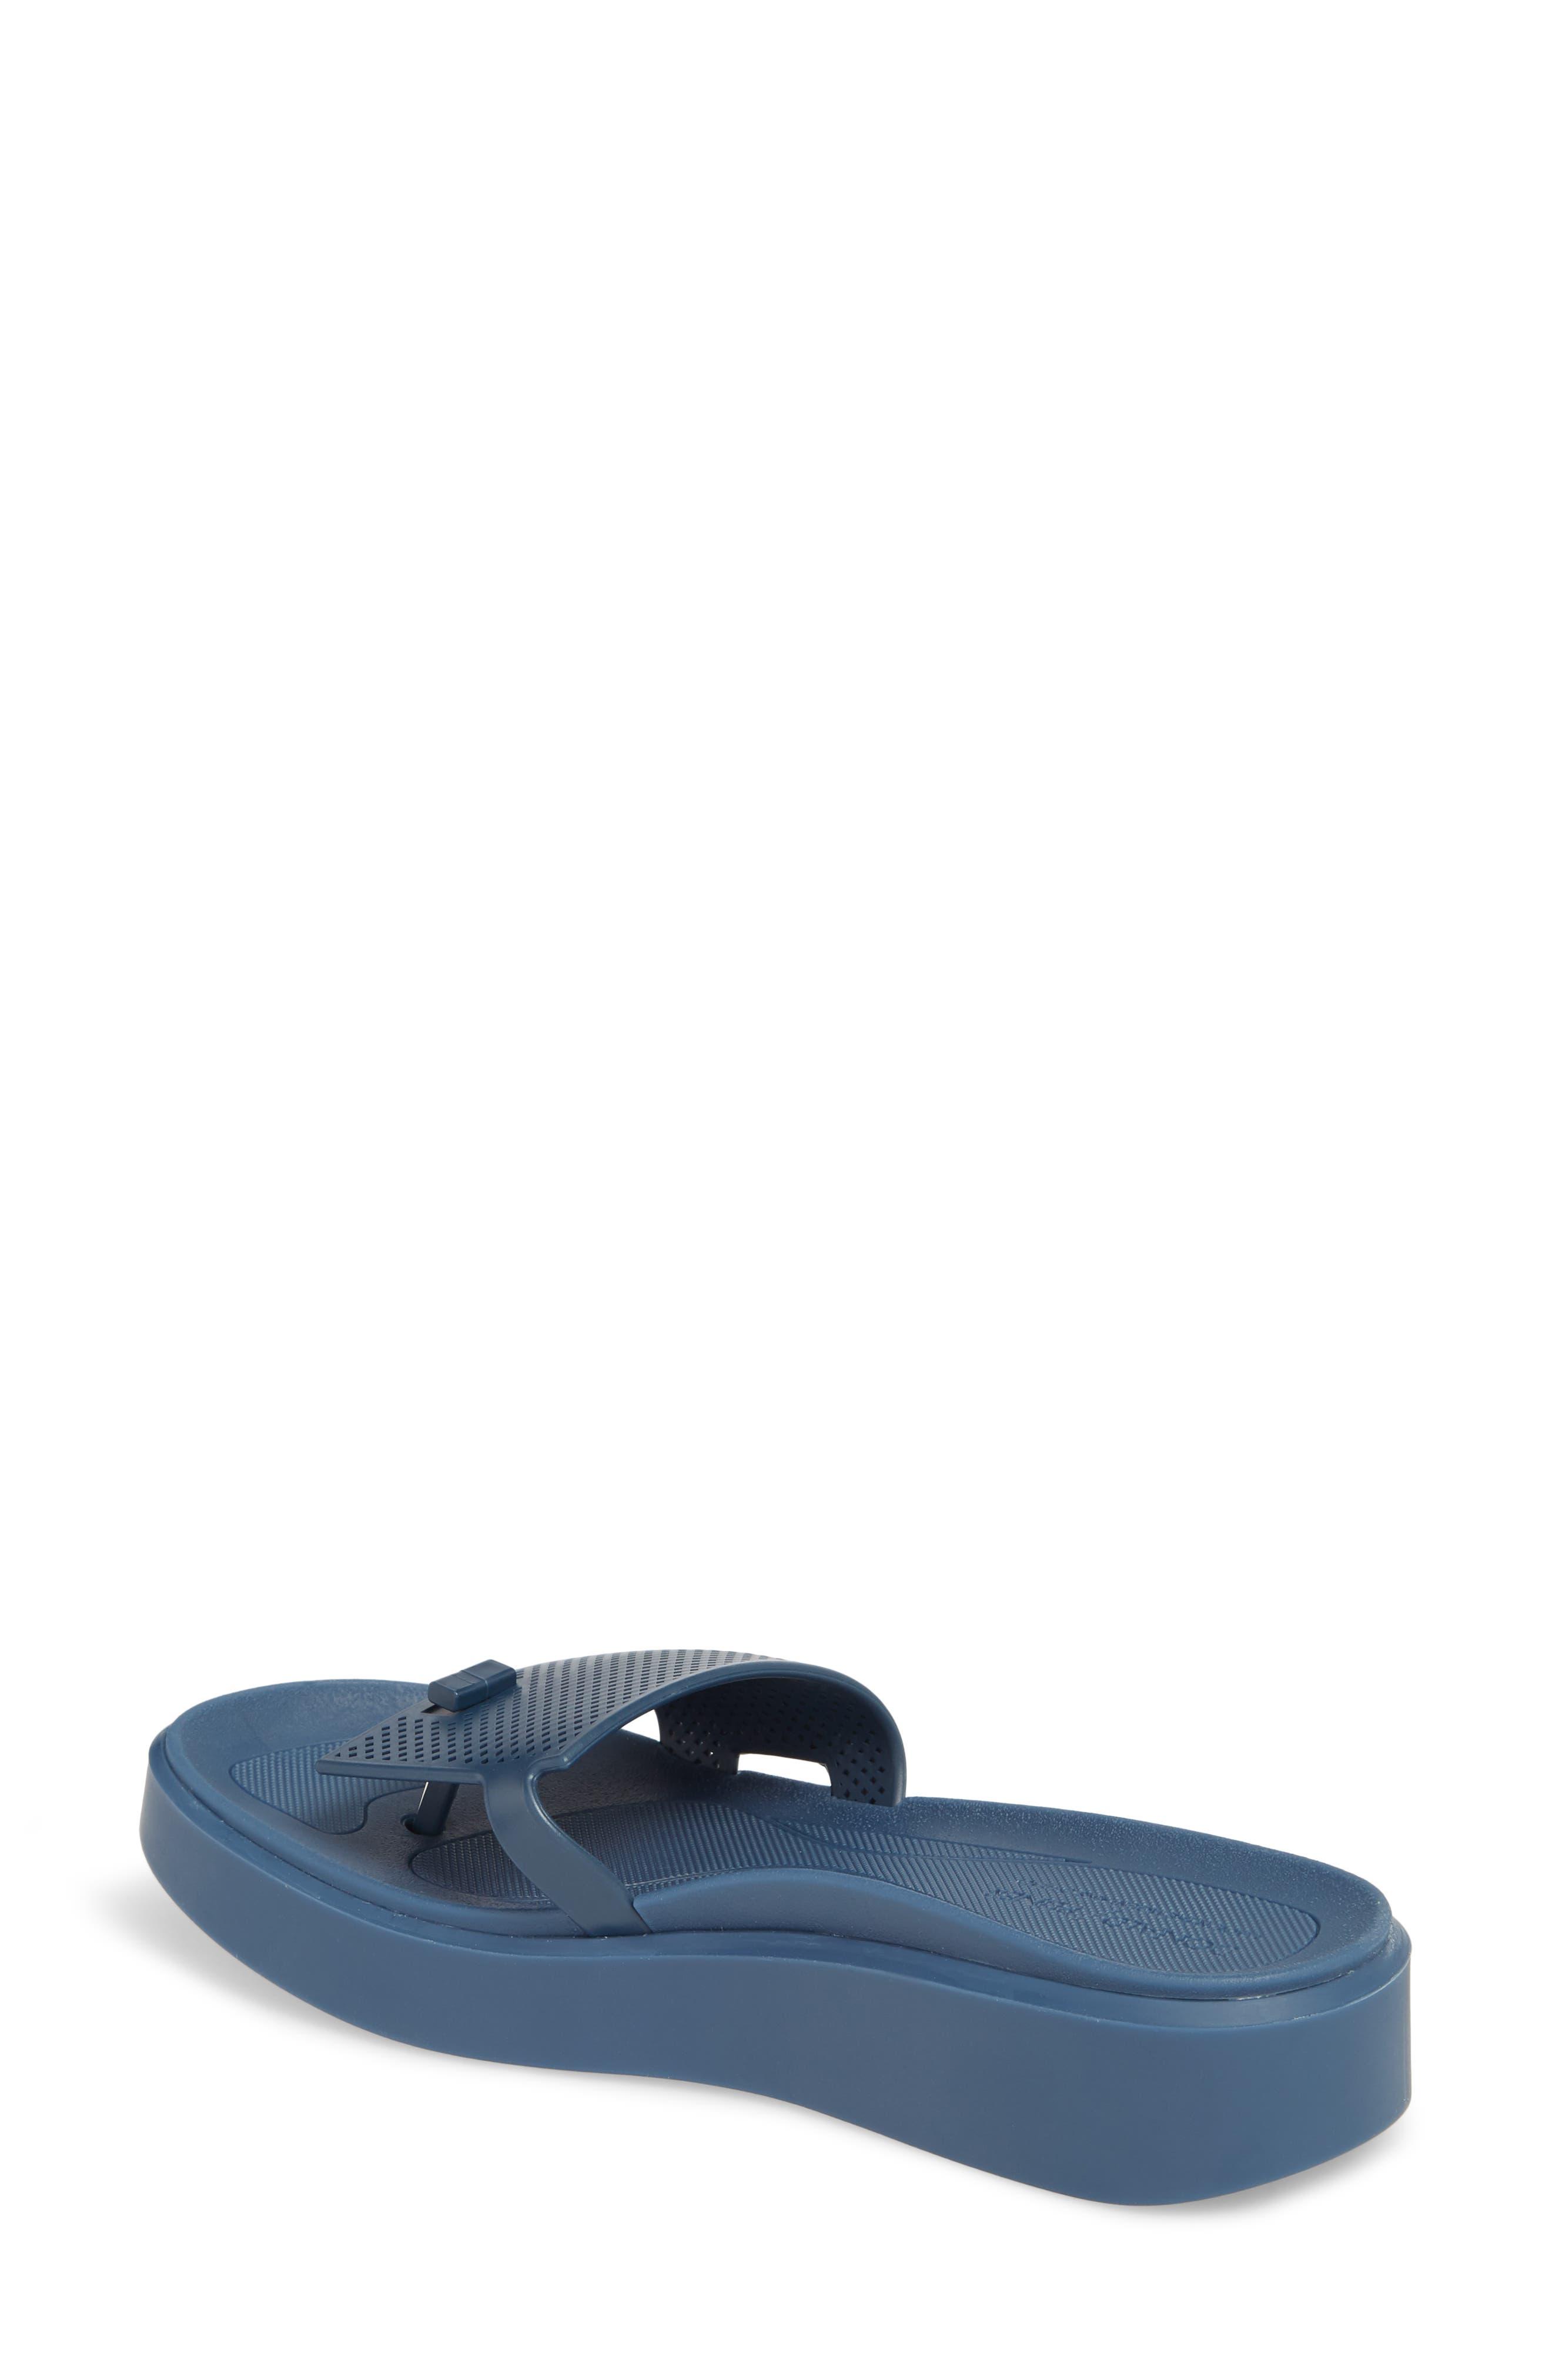 Bondi Jelly Slide Sandal,                             Alternate thumbnail 2, color,                             Navy